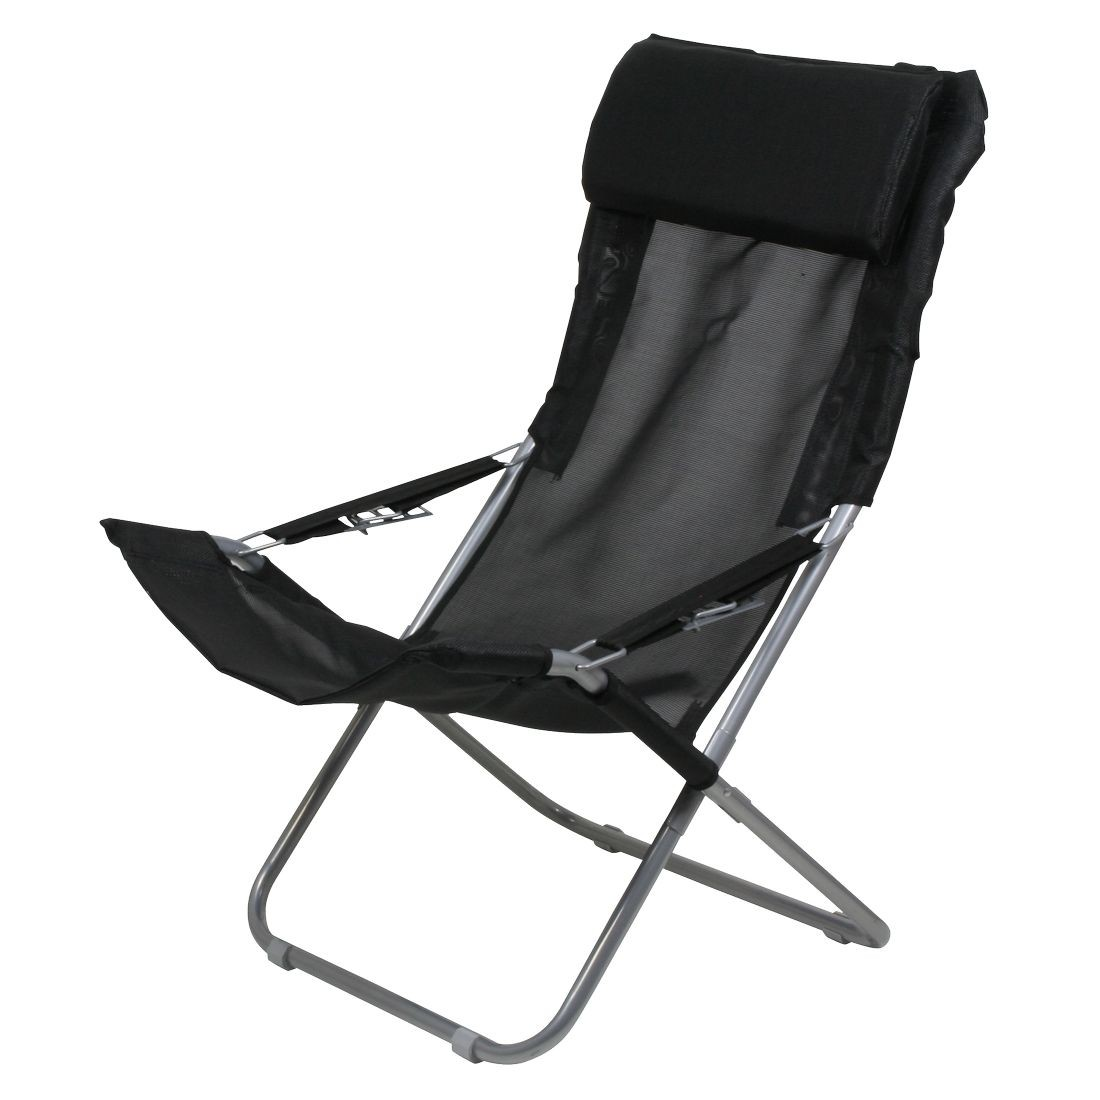 Super Klappstühle bei Camping Outdoor online kaufen CW98